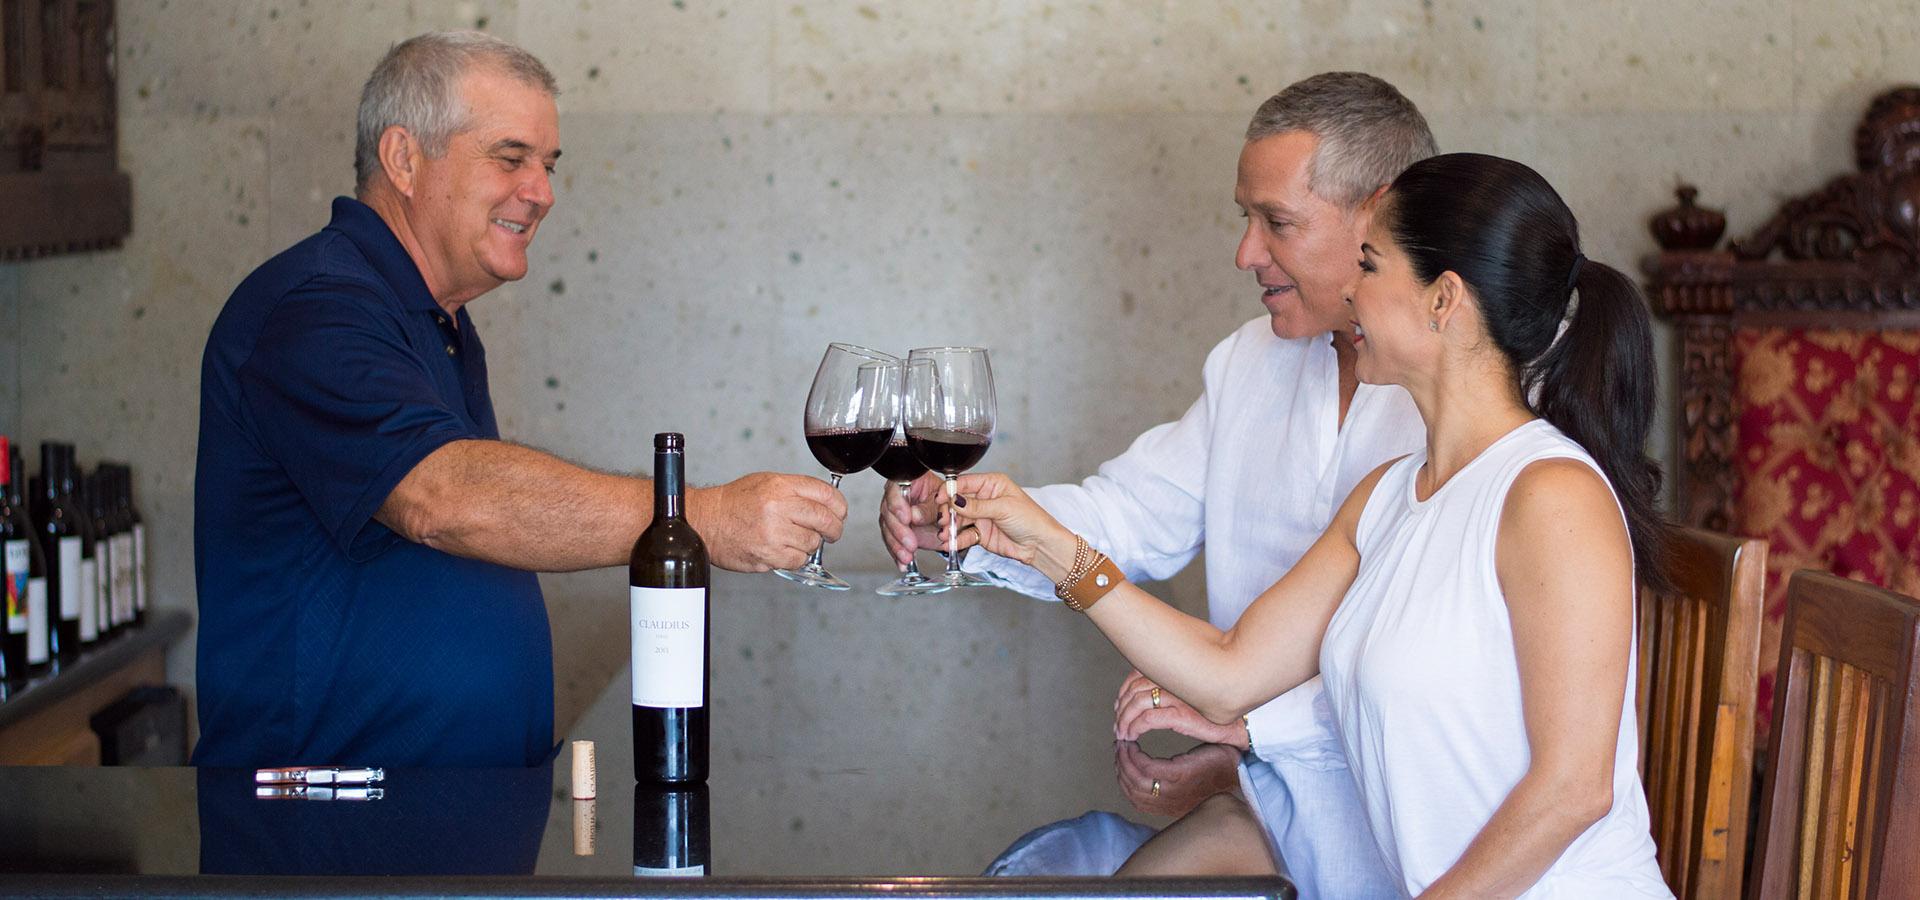 Vinos y Cervezas en Rosarito, Claudios